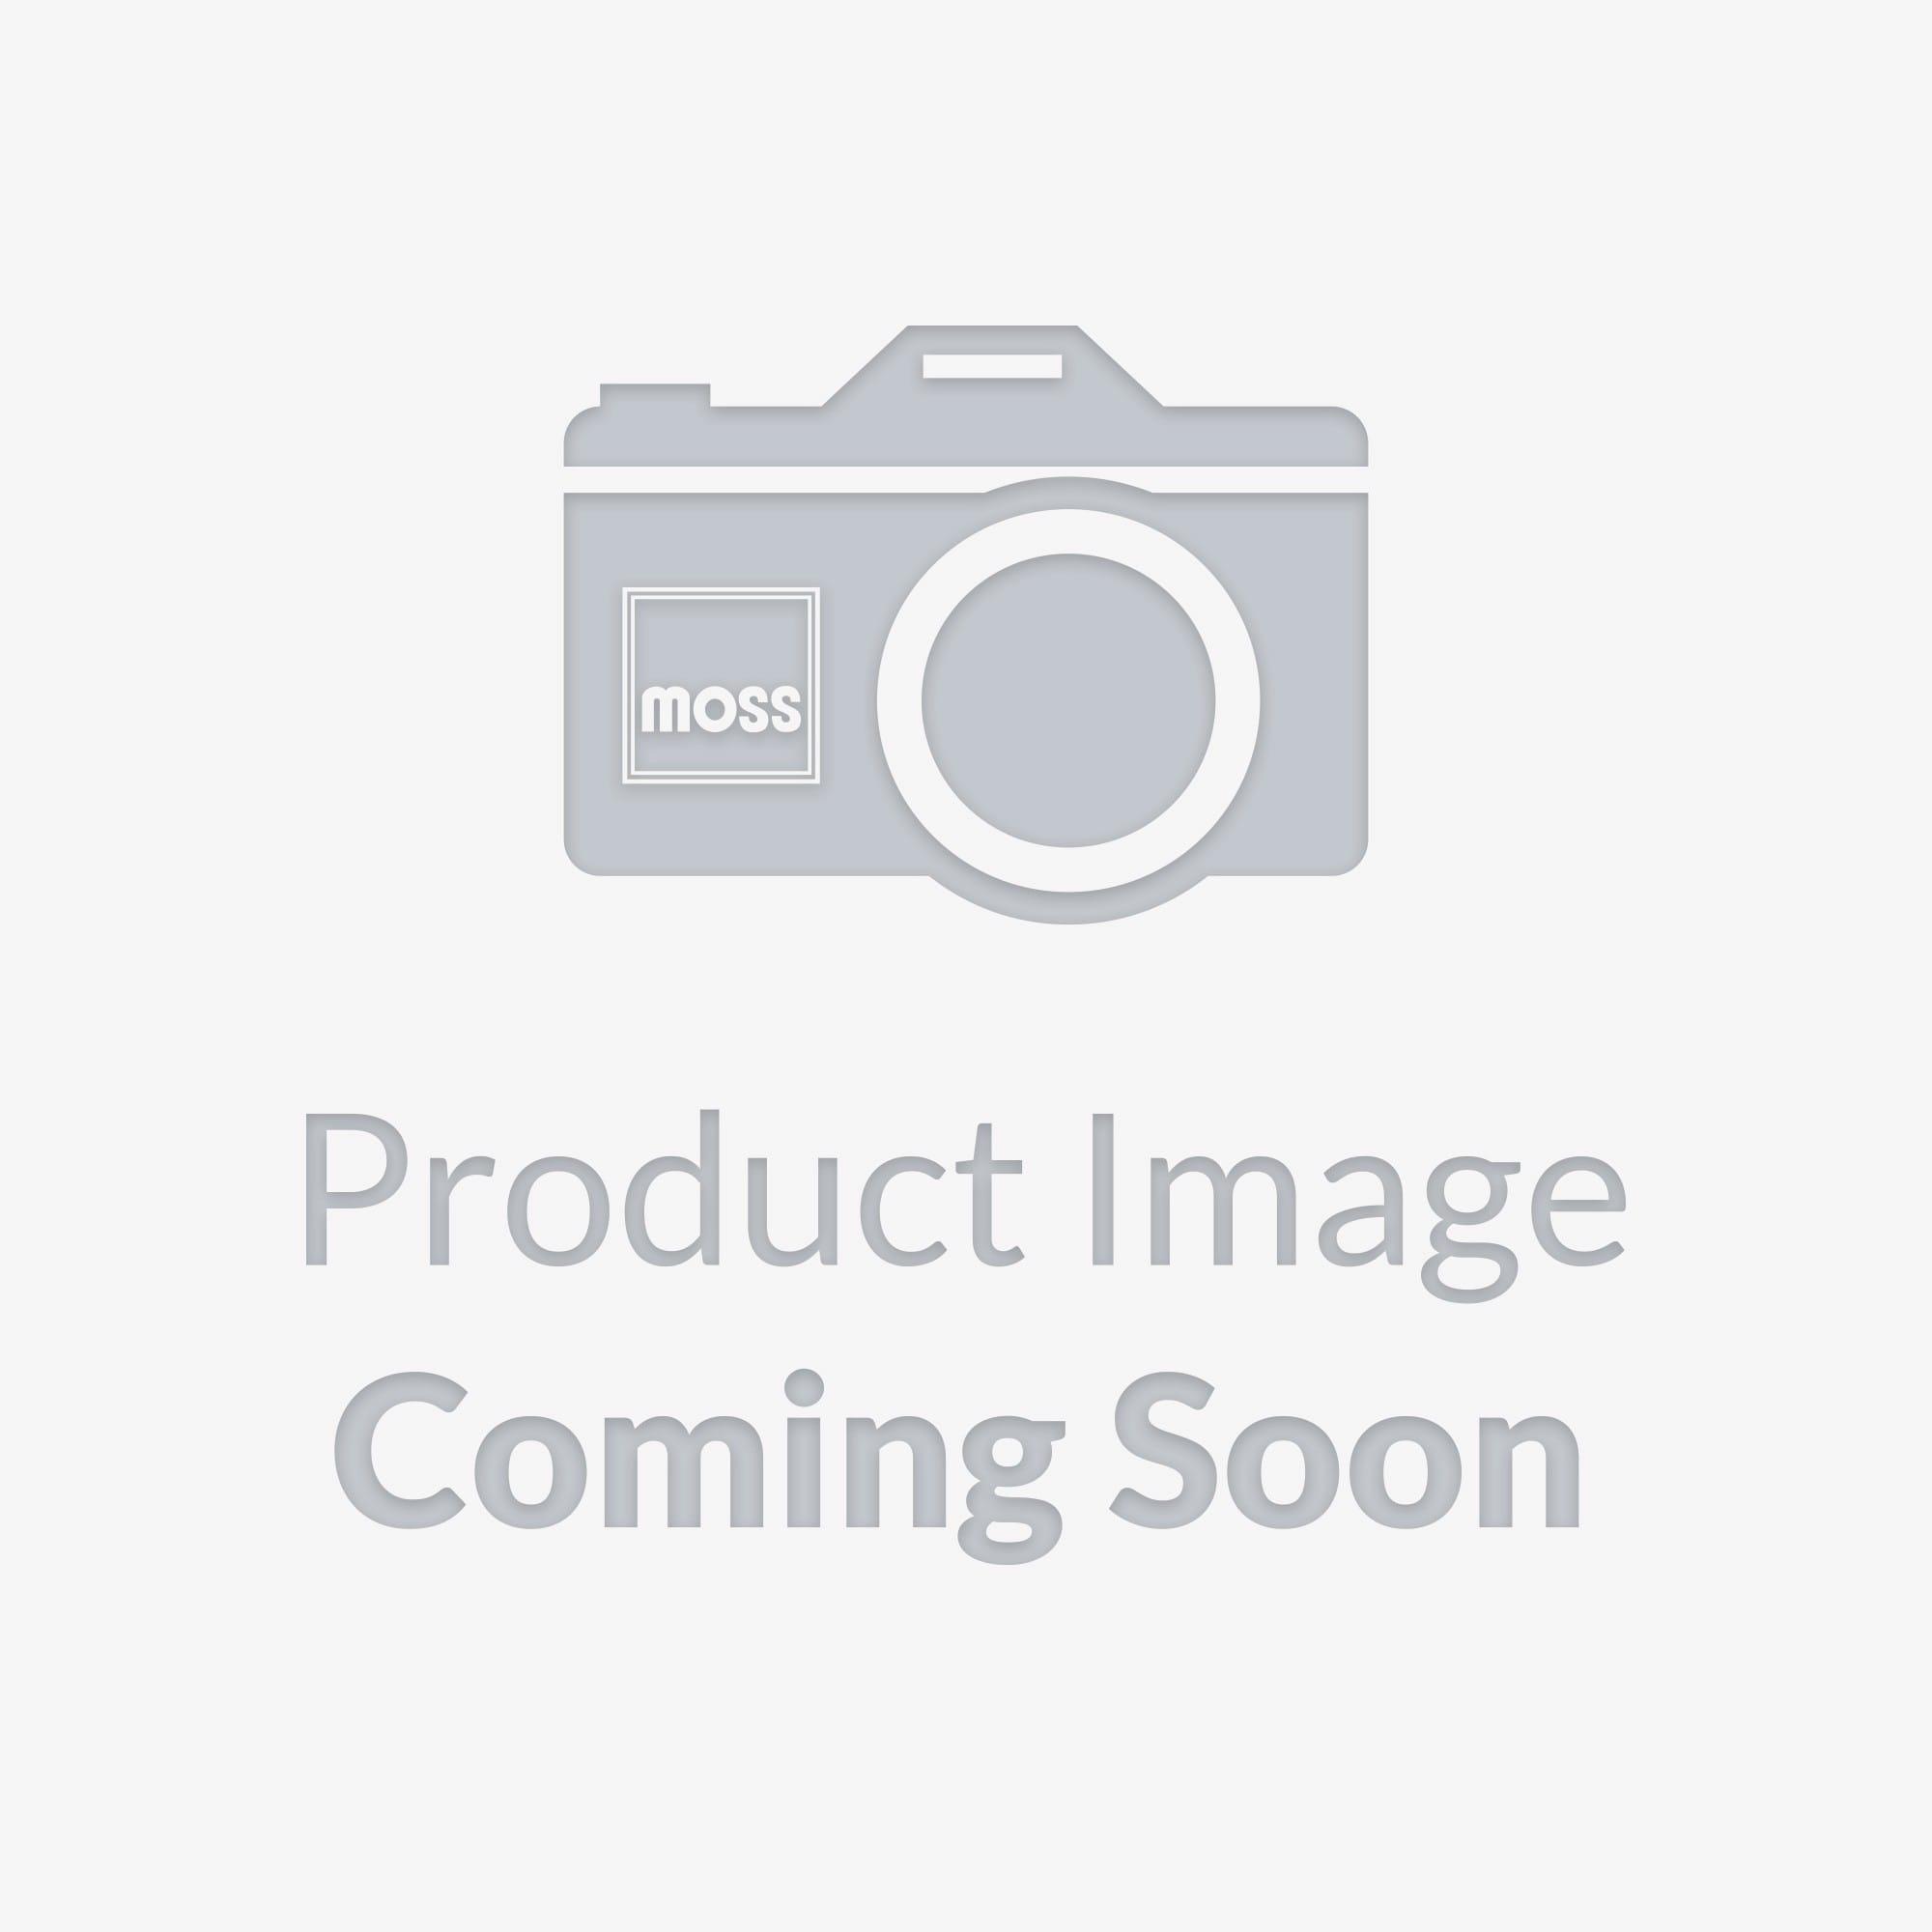 211 571 book haynes repair manual mossmiata rh mossmiata com 1990 mazda miata repair manual 1990 mazda miata repair manual pdf